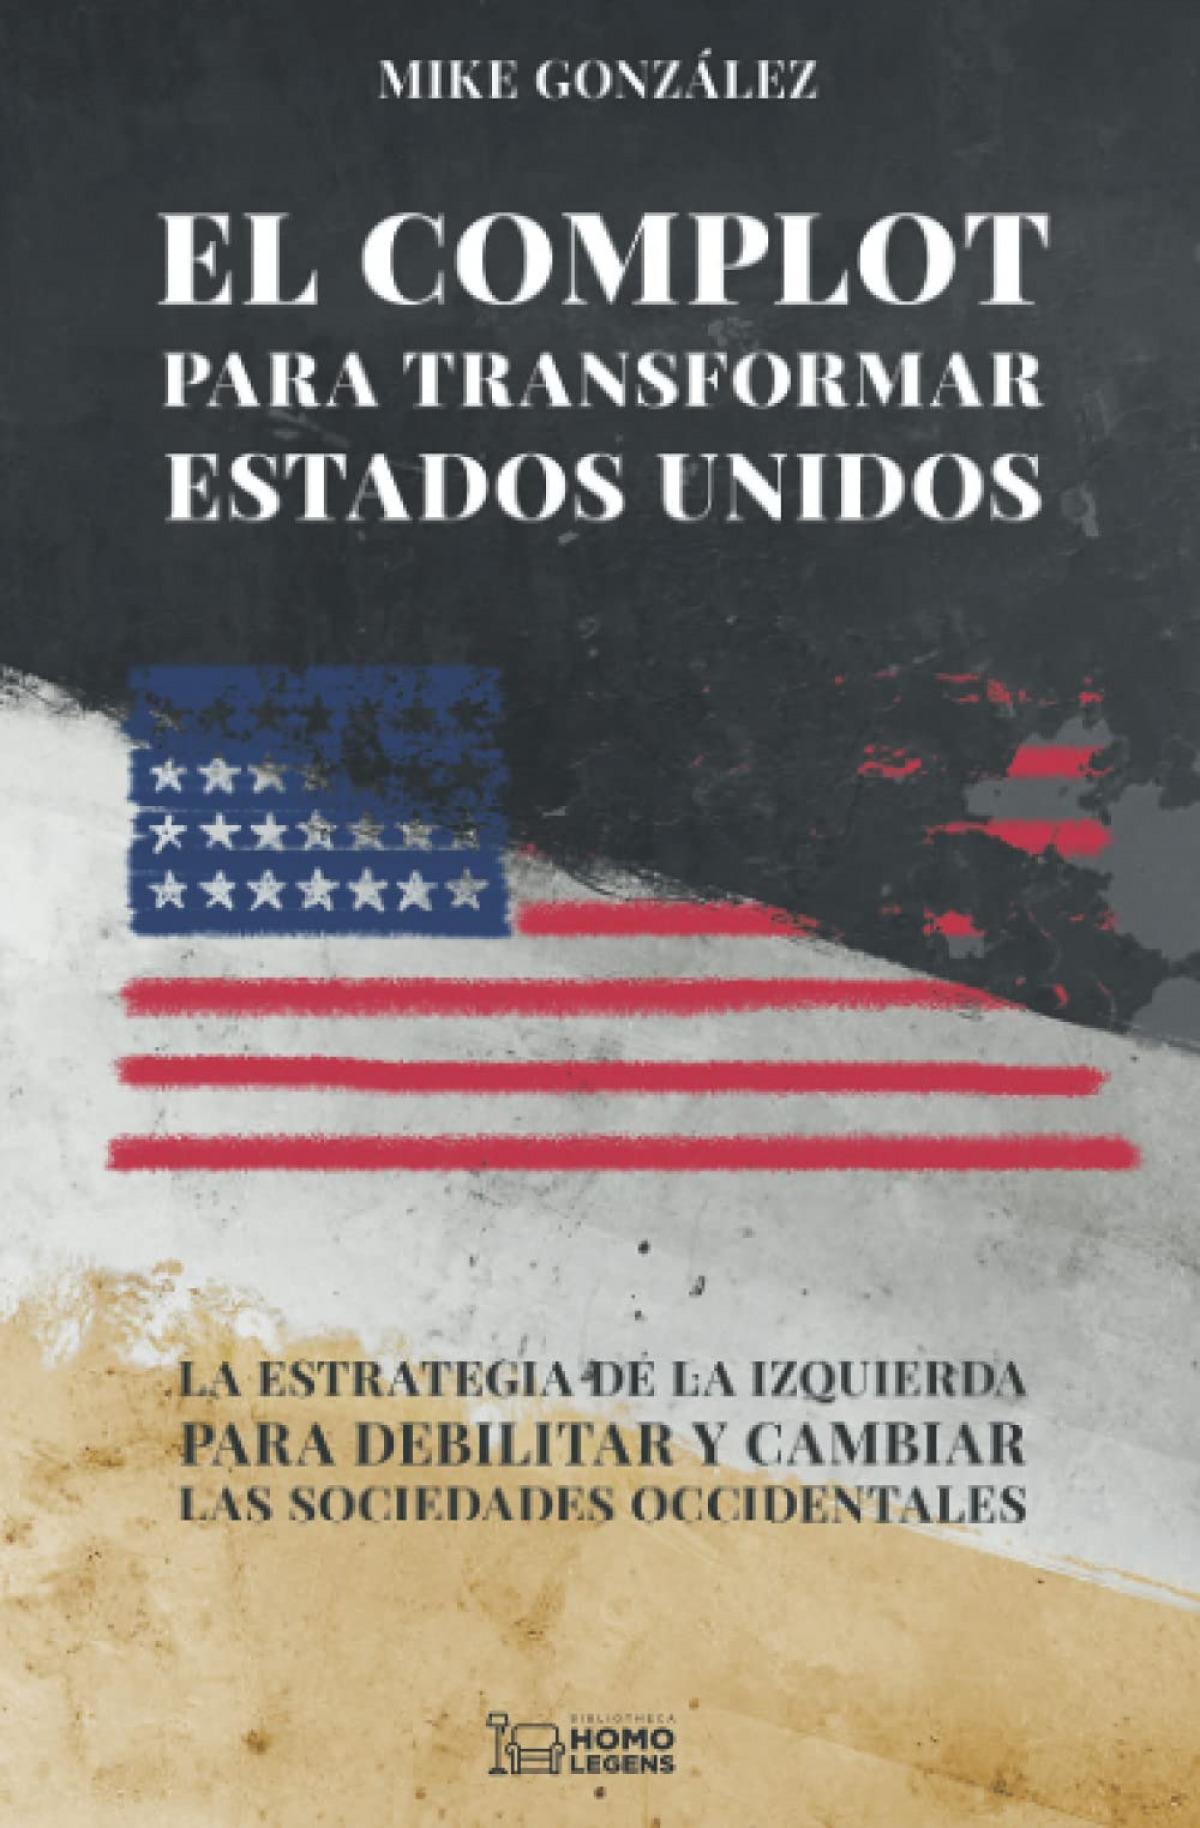 El complot para transformar Estados Unidos